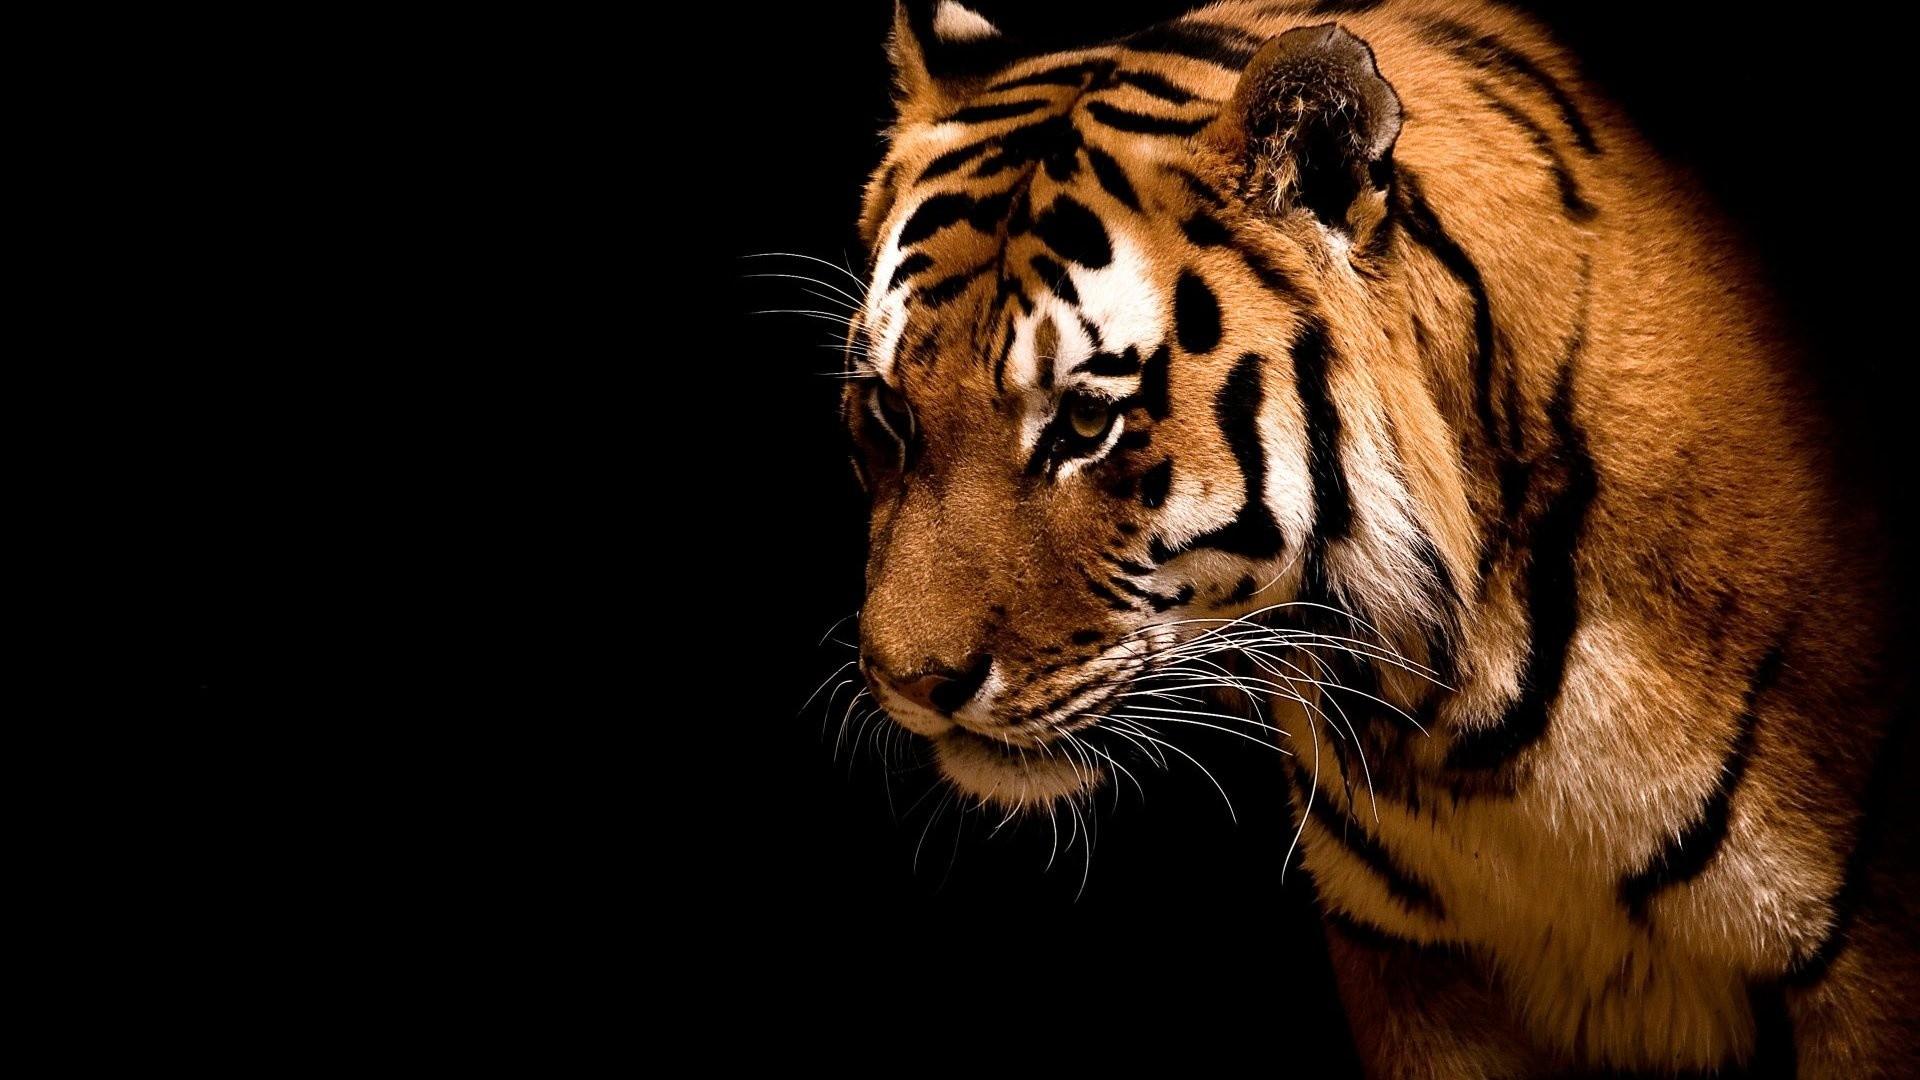 Tiger Hd Wallpaper Wallpapertag